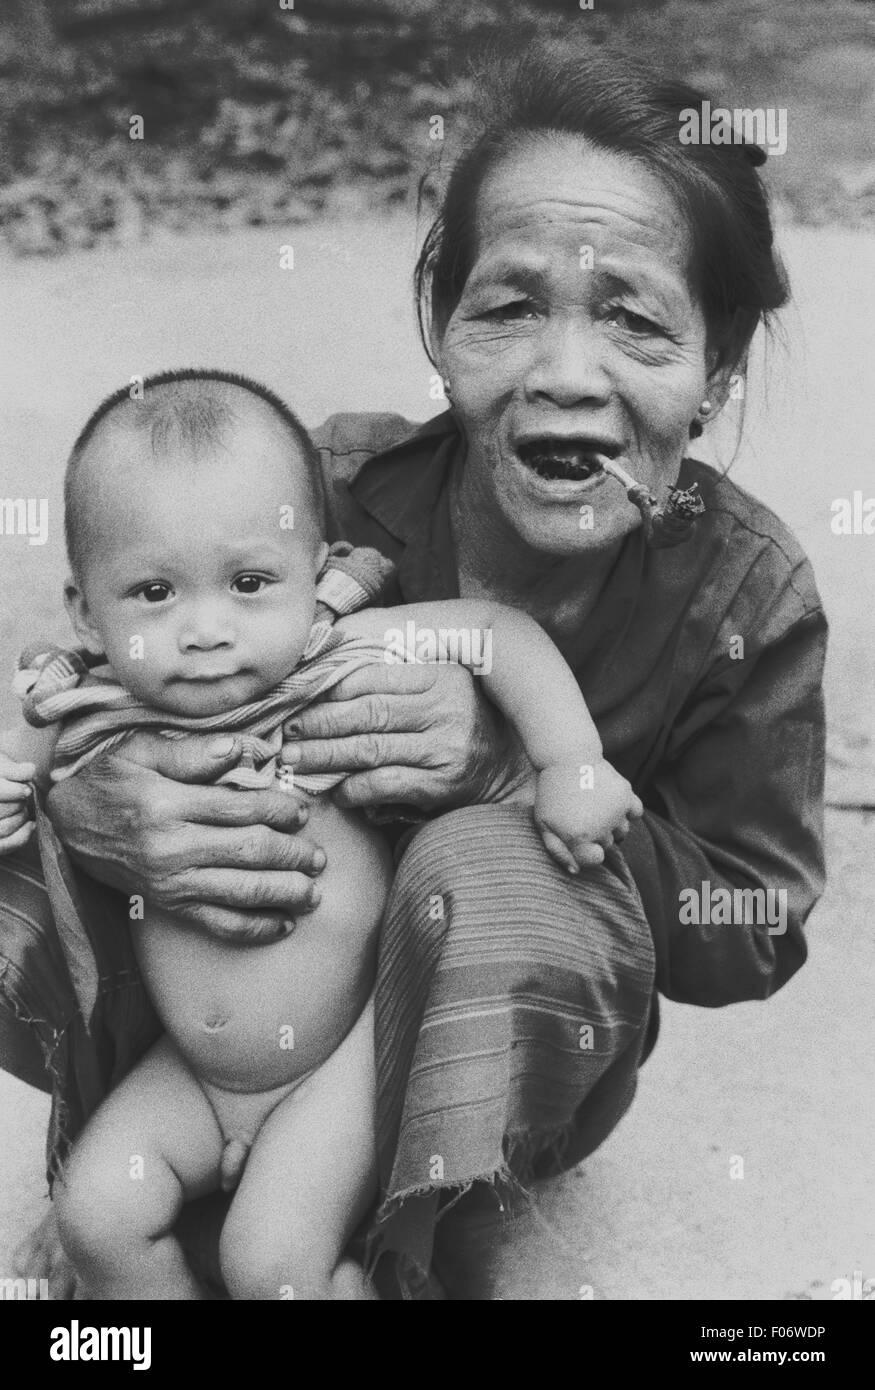 Grand-mère et petit-fils thialand brian mcguire Photo Stock